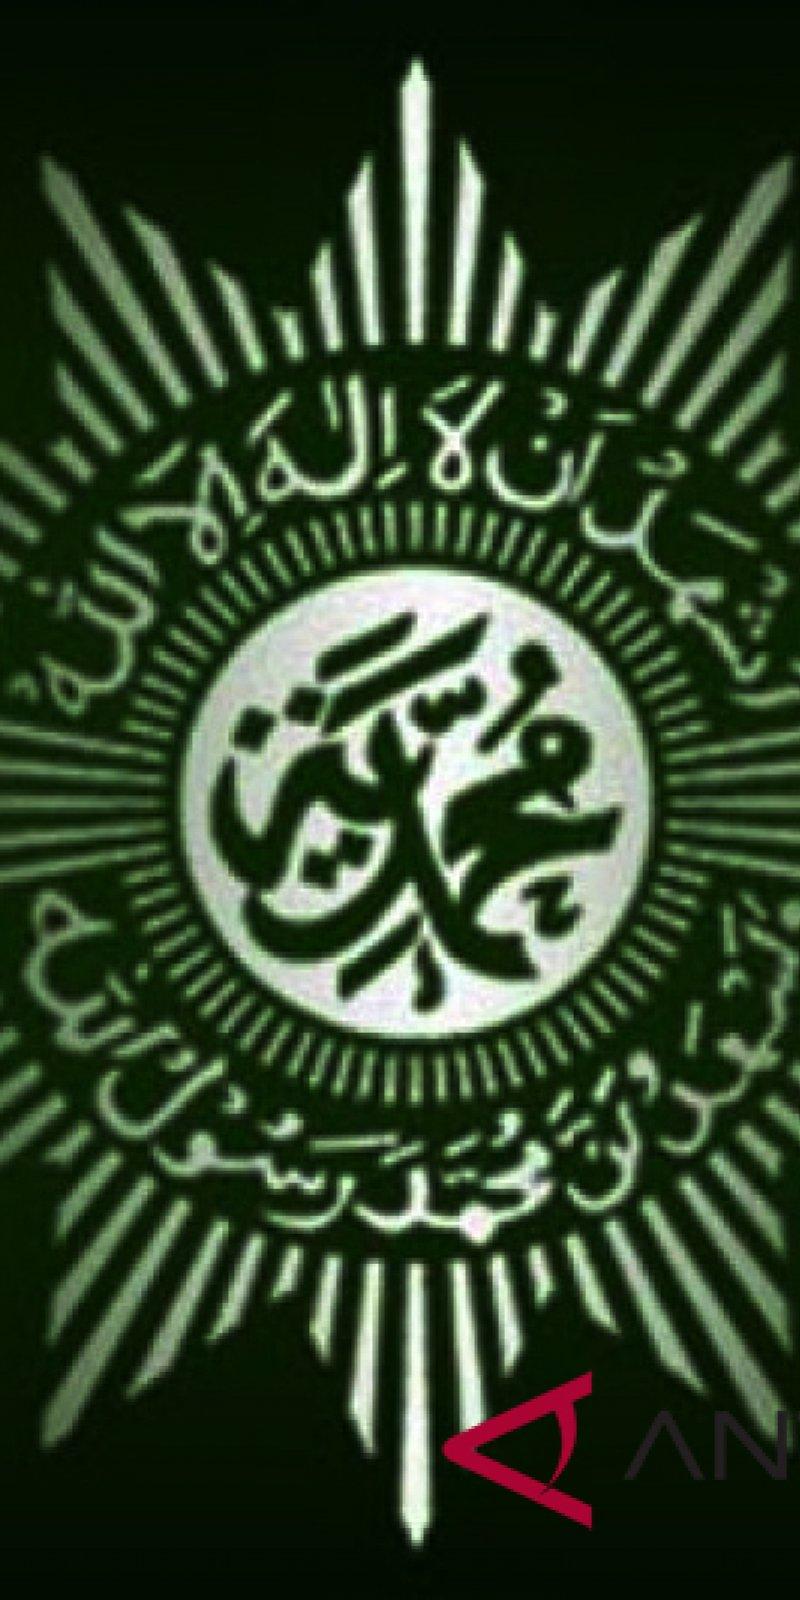 Pemuda Muhammadiyah Logo : pemuda, muhammadiyah, Pemuda, Muhammadiyah, Diminta, Marwah, ANTARA, Kalimantan, Selatan